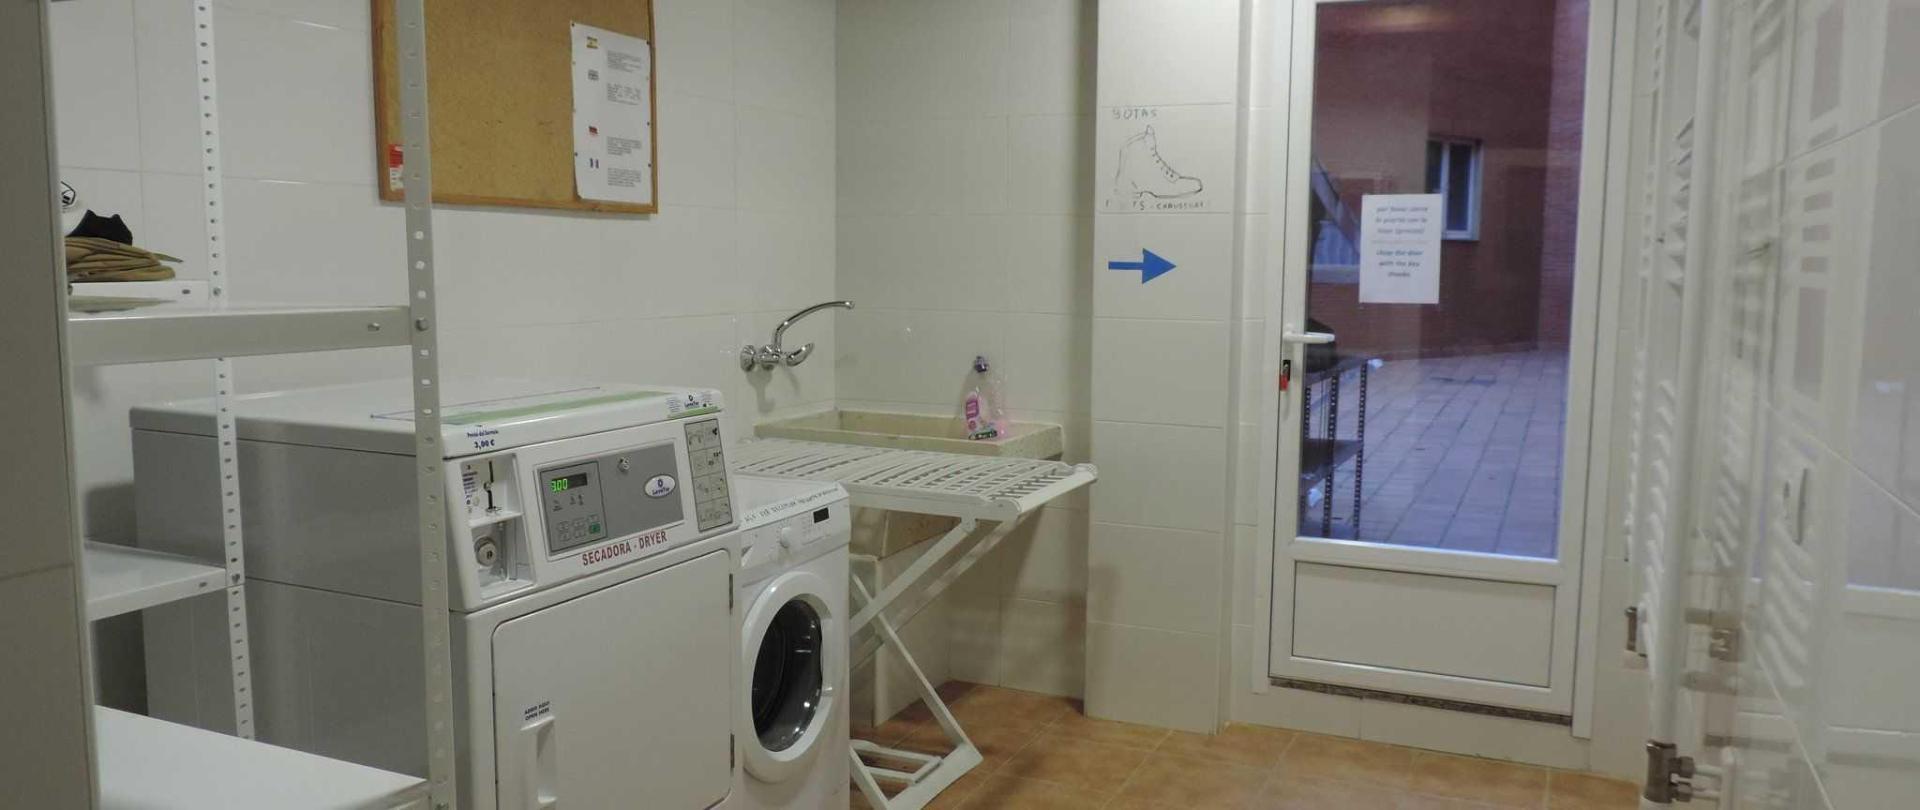 Lavandería y patio.JPG